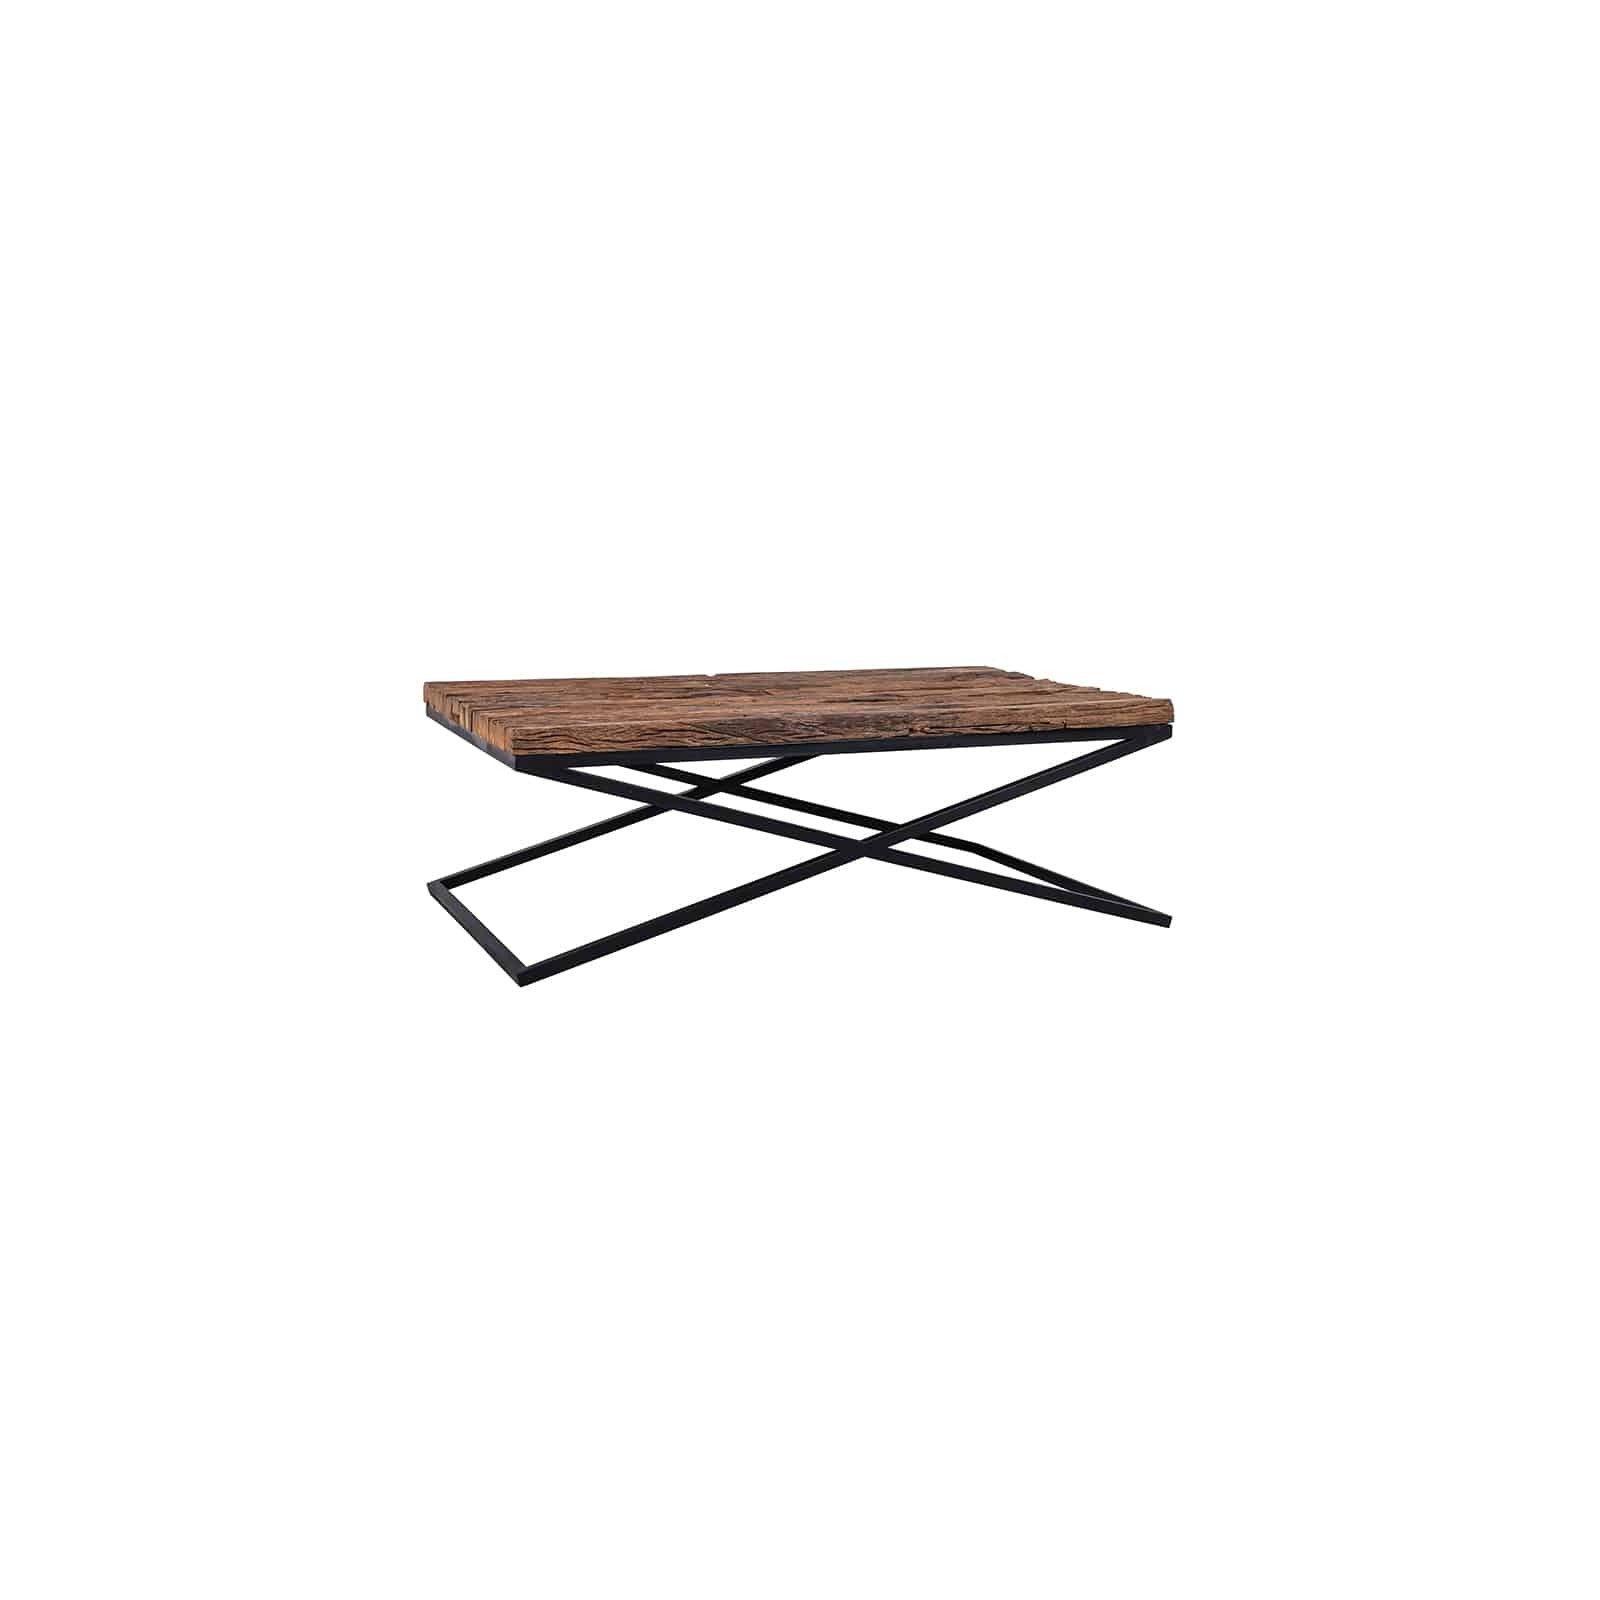 Table de salon Industrial Kensington Tables basses rectangulaires - 12